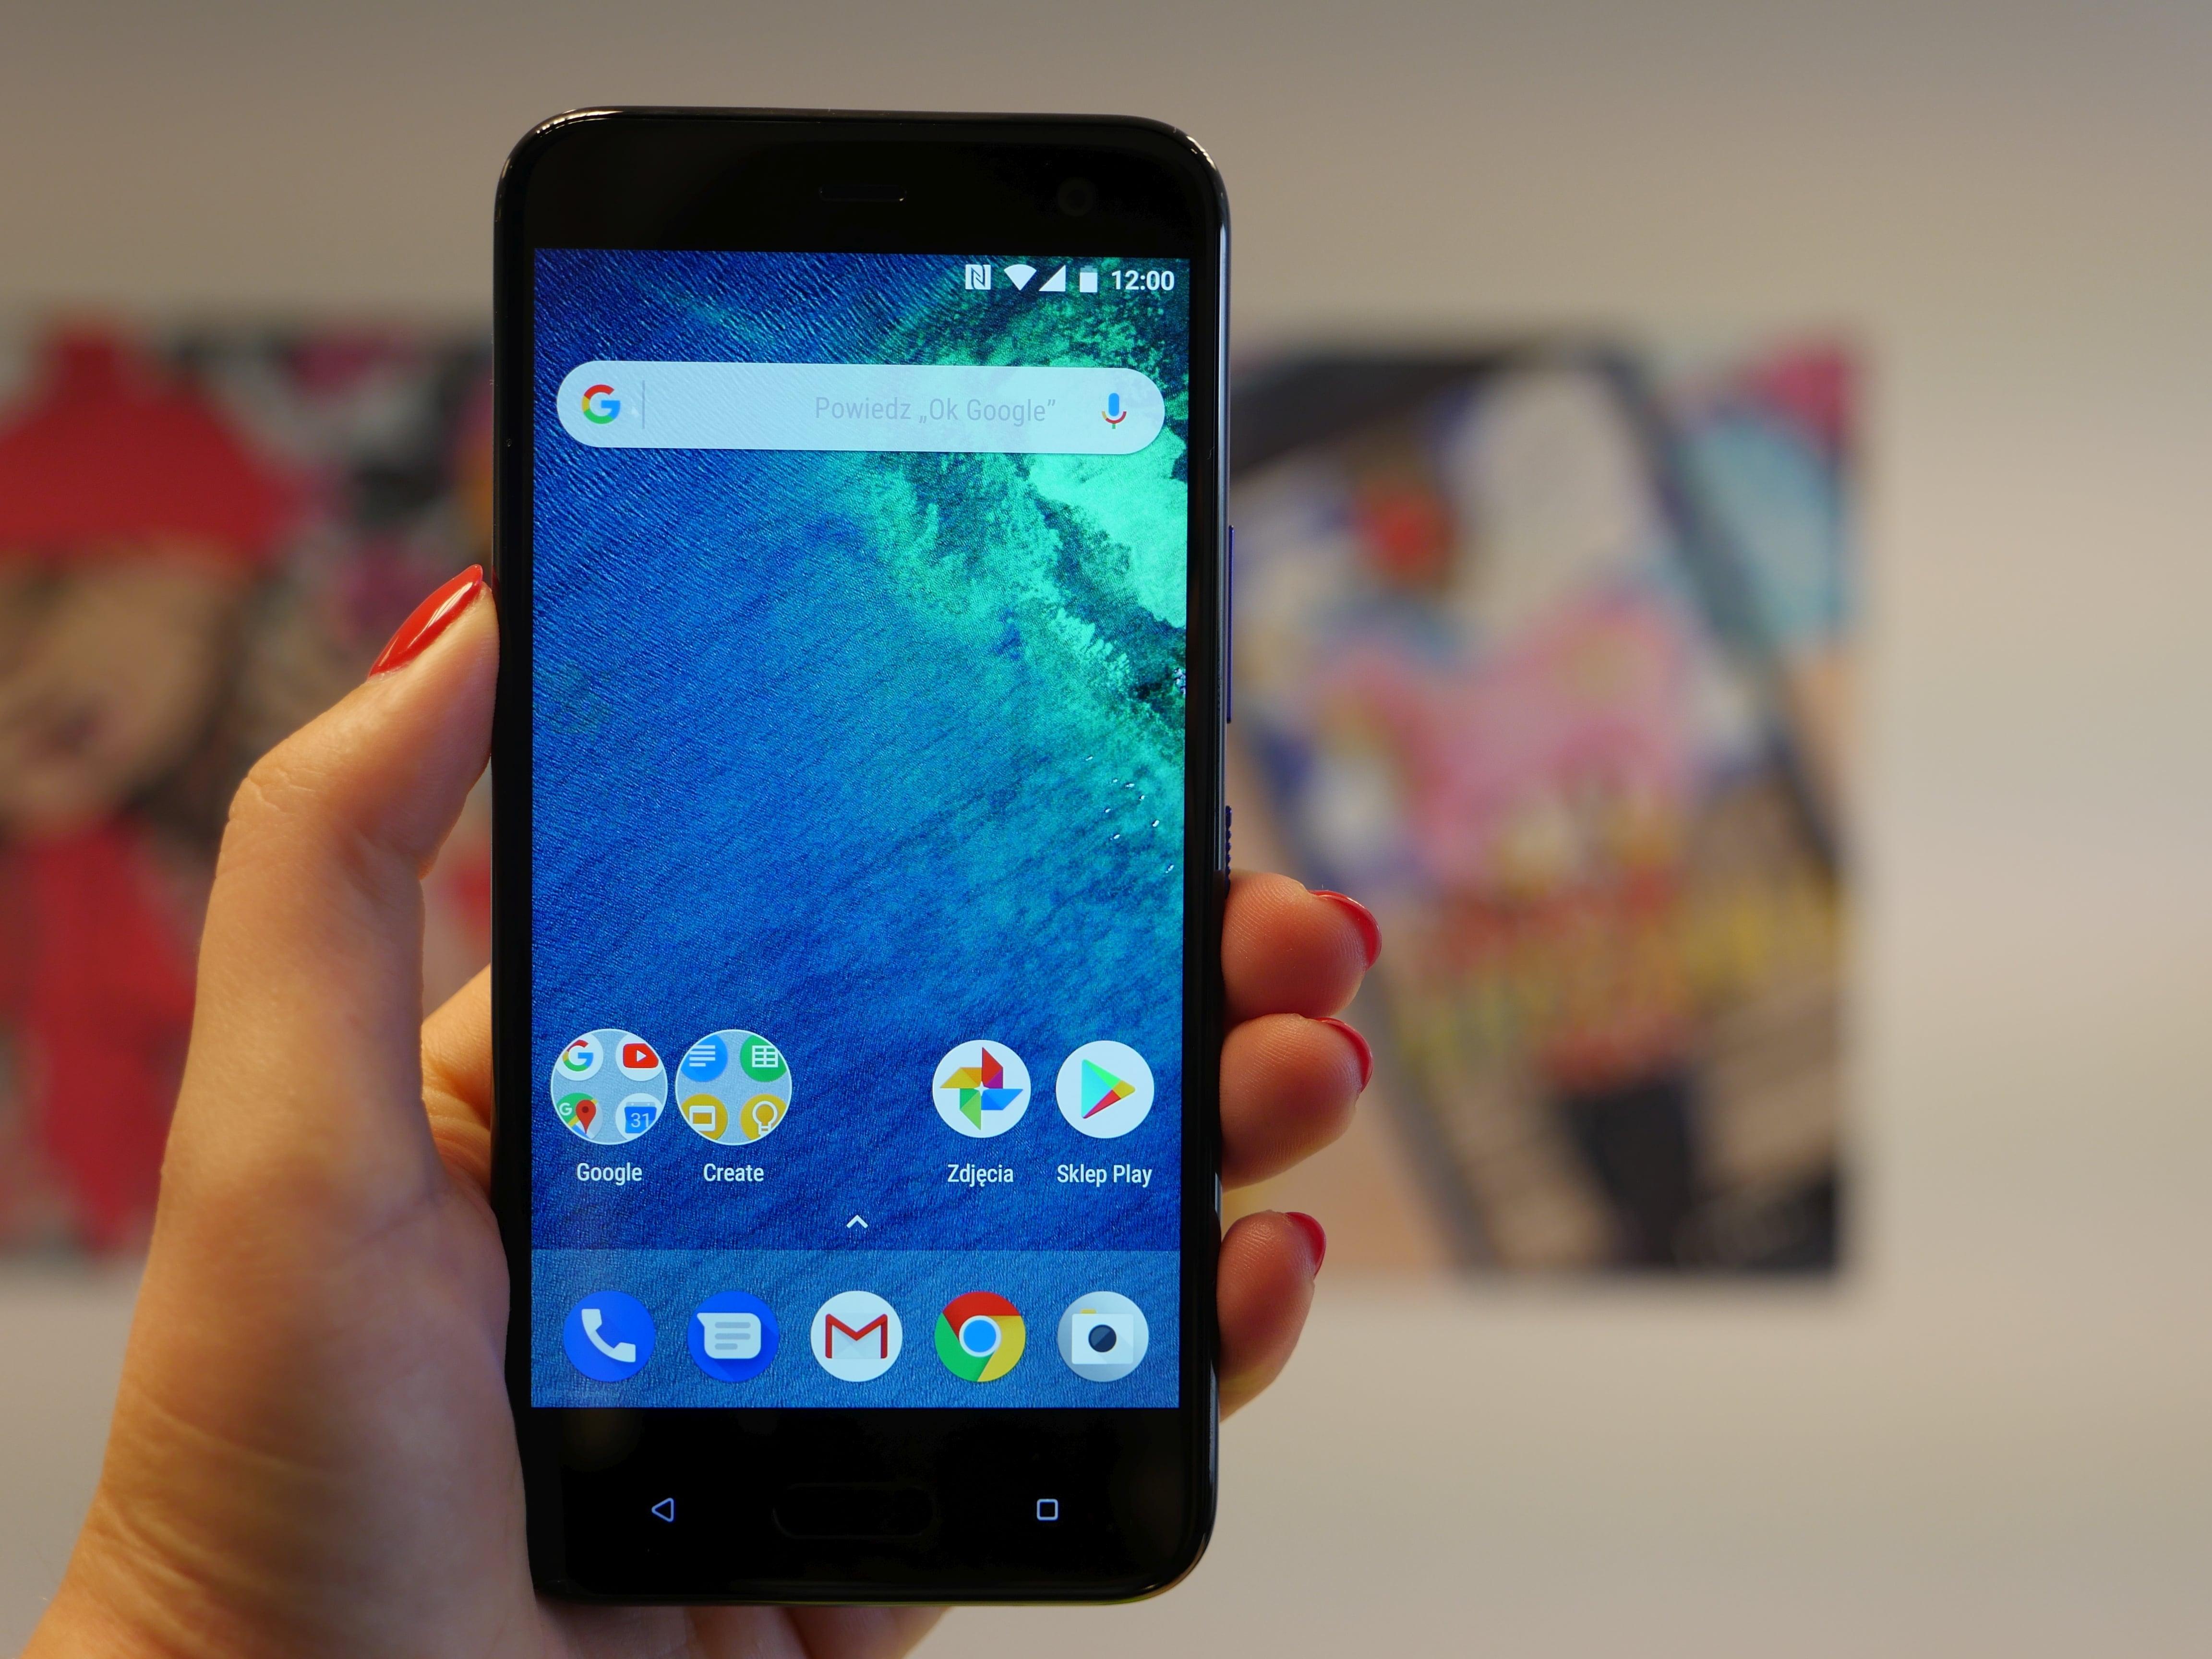 Tabletowo.pl Jaki smartfon kupić do 900 złotych? (październik 2018) Android Co kupić Cykle HTC Huawei Meizu Smartfony Xiaomi